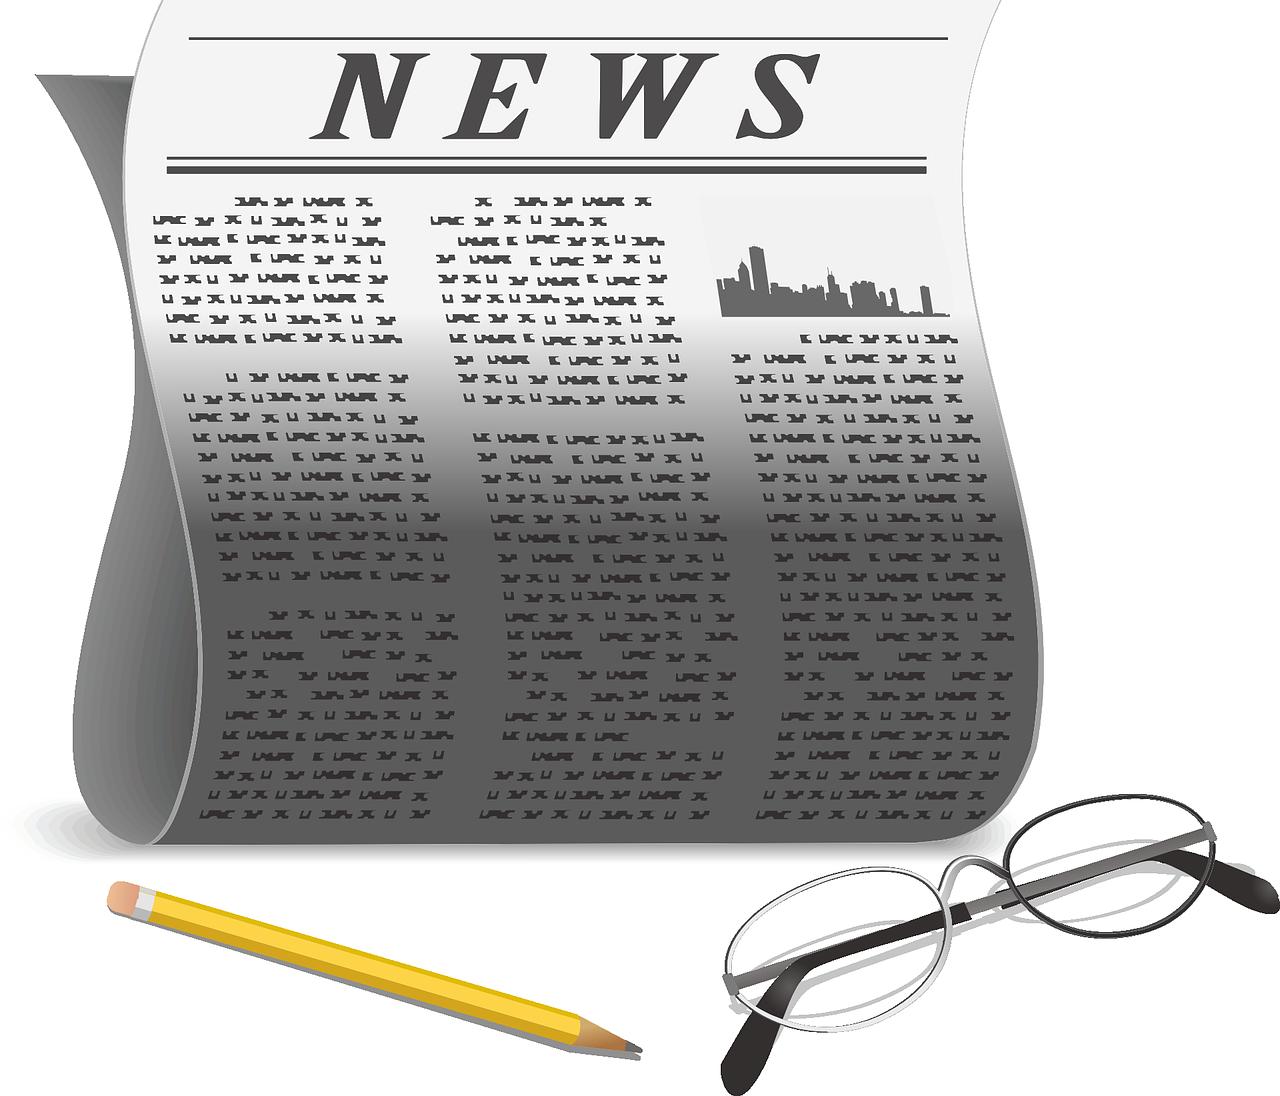 Blumer News